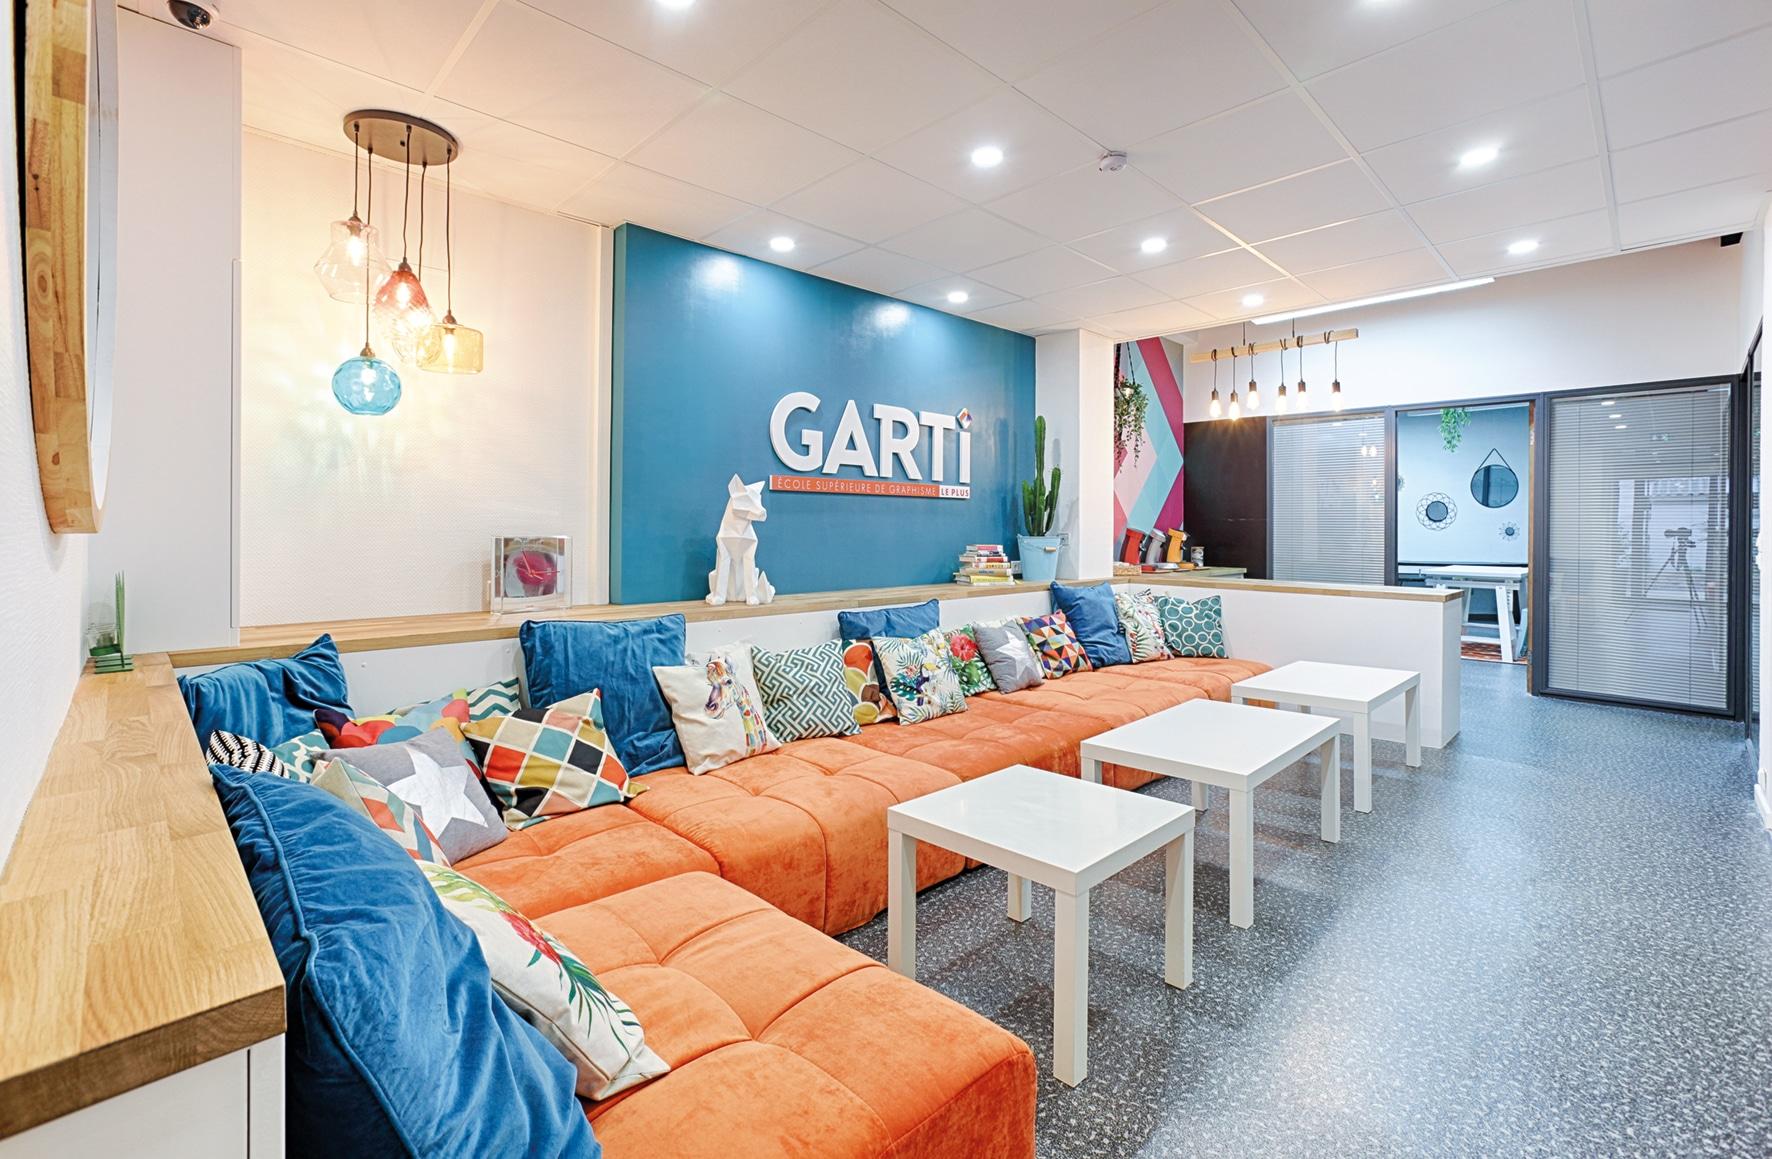 L'espace salon de l'école Garti